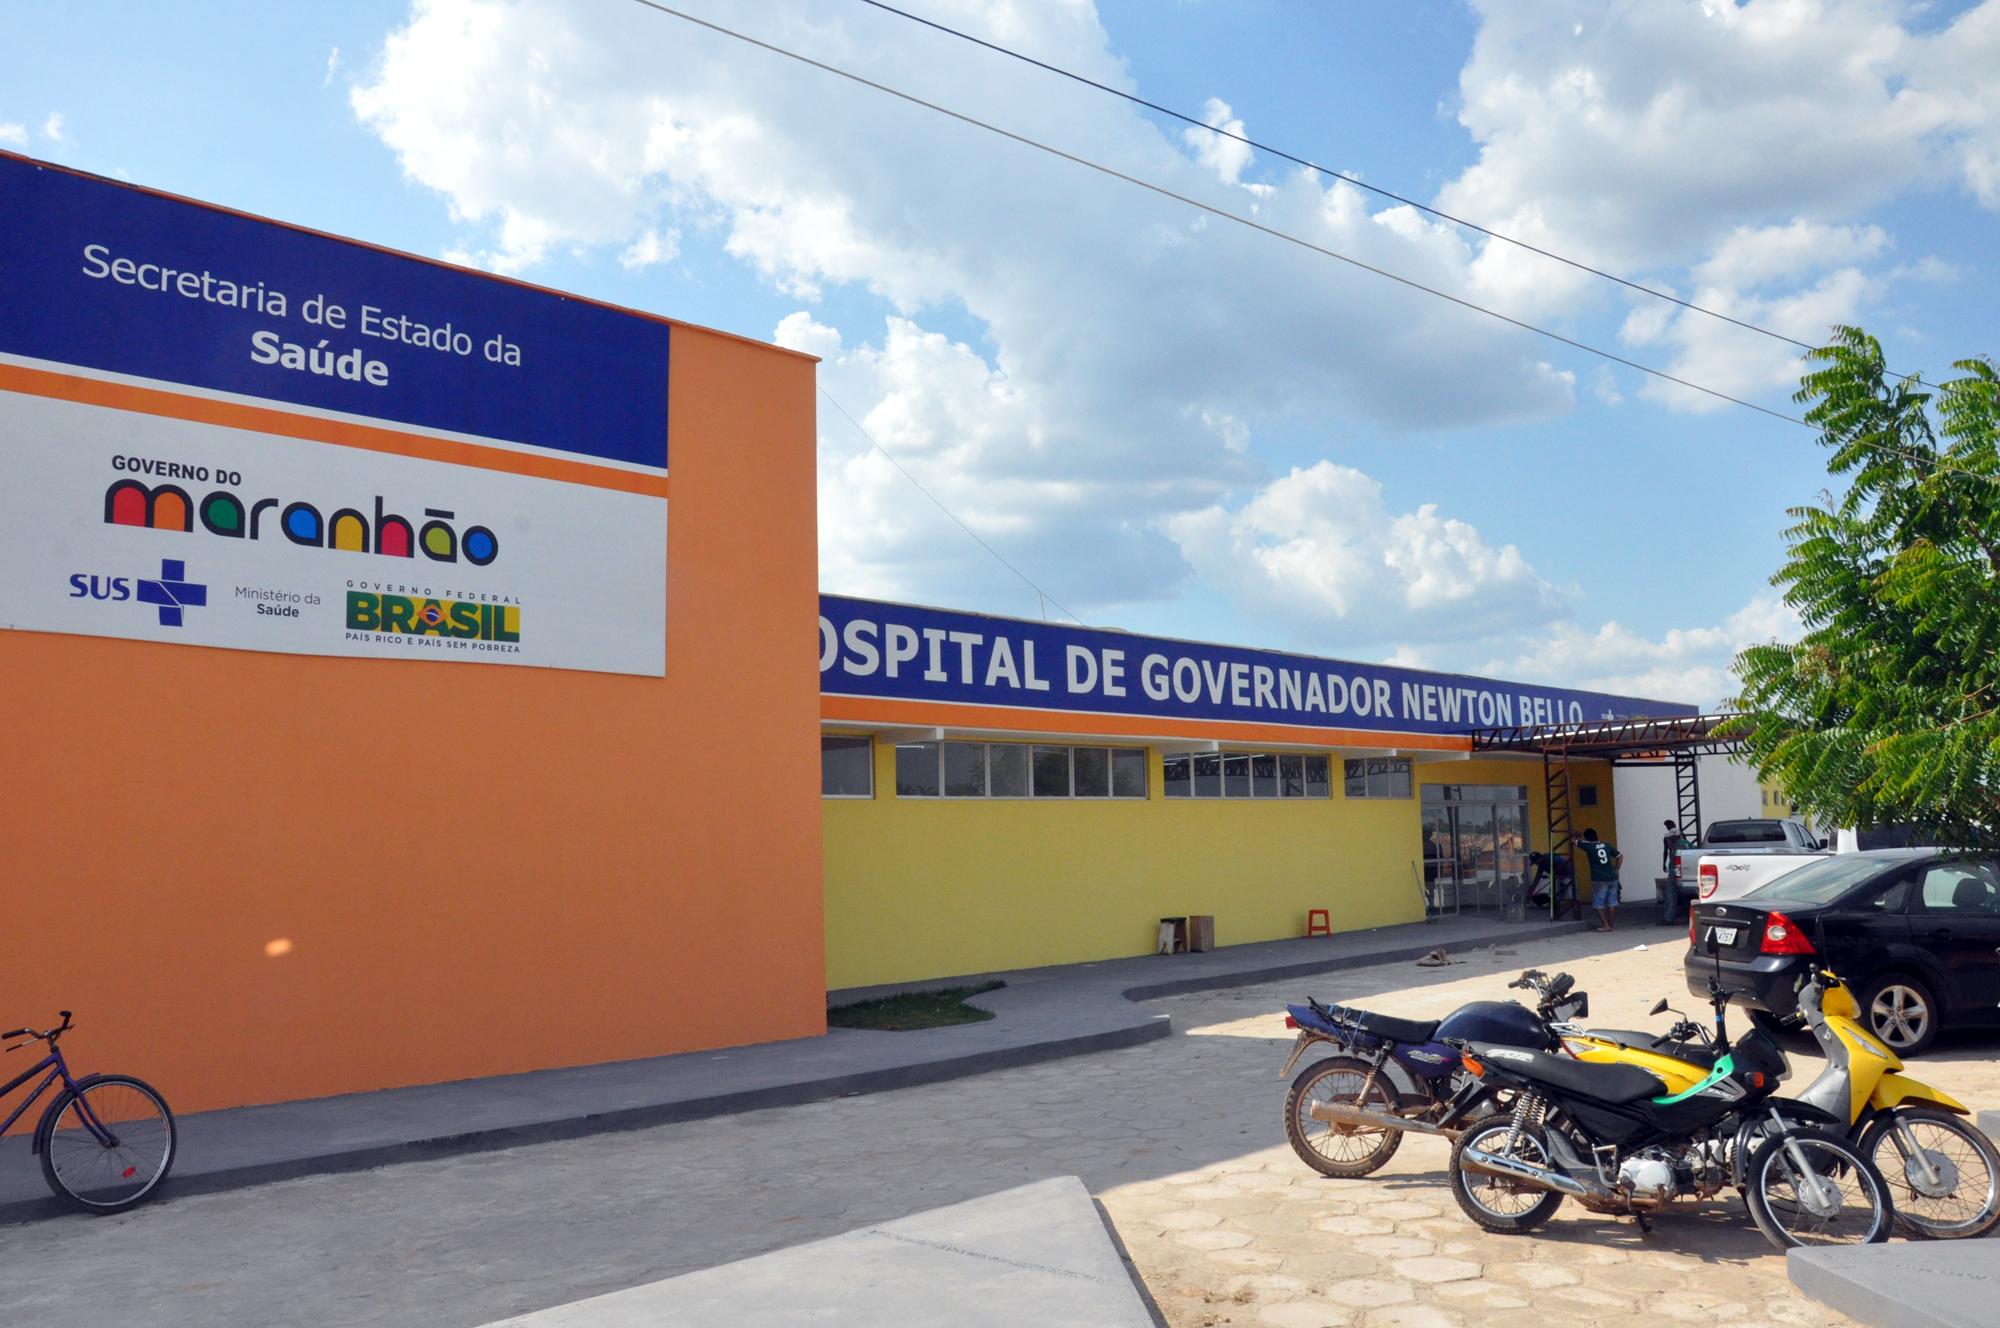 Foto 2 - SES inauguração Hospital de Newton Bello foto Nestor Bezerra